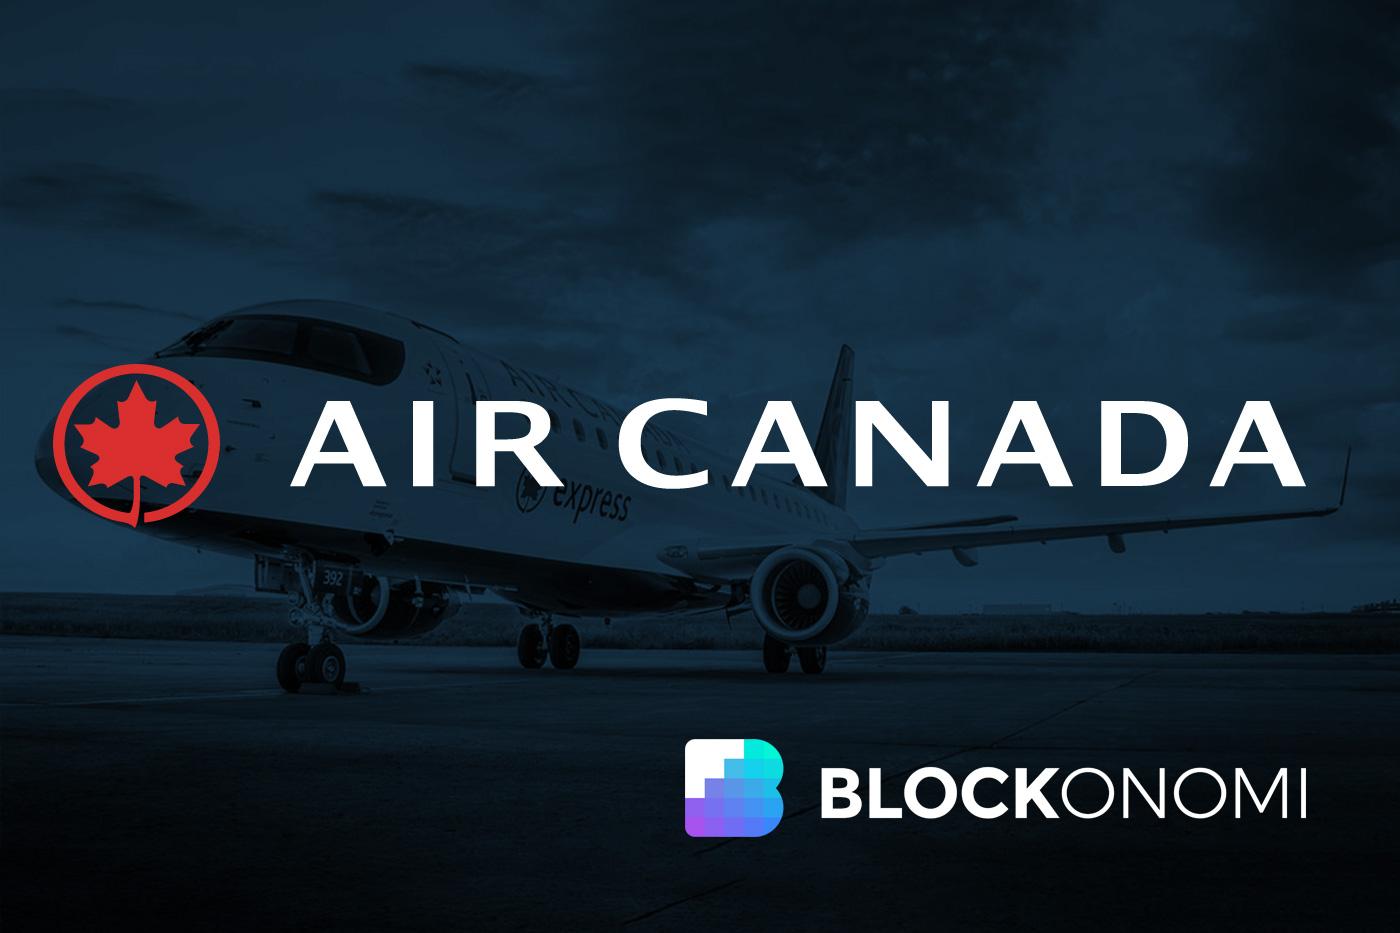 Air Canada Blockchain